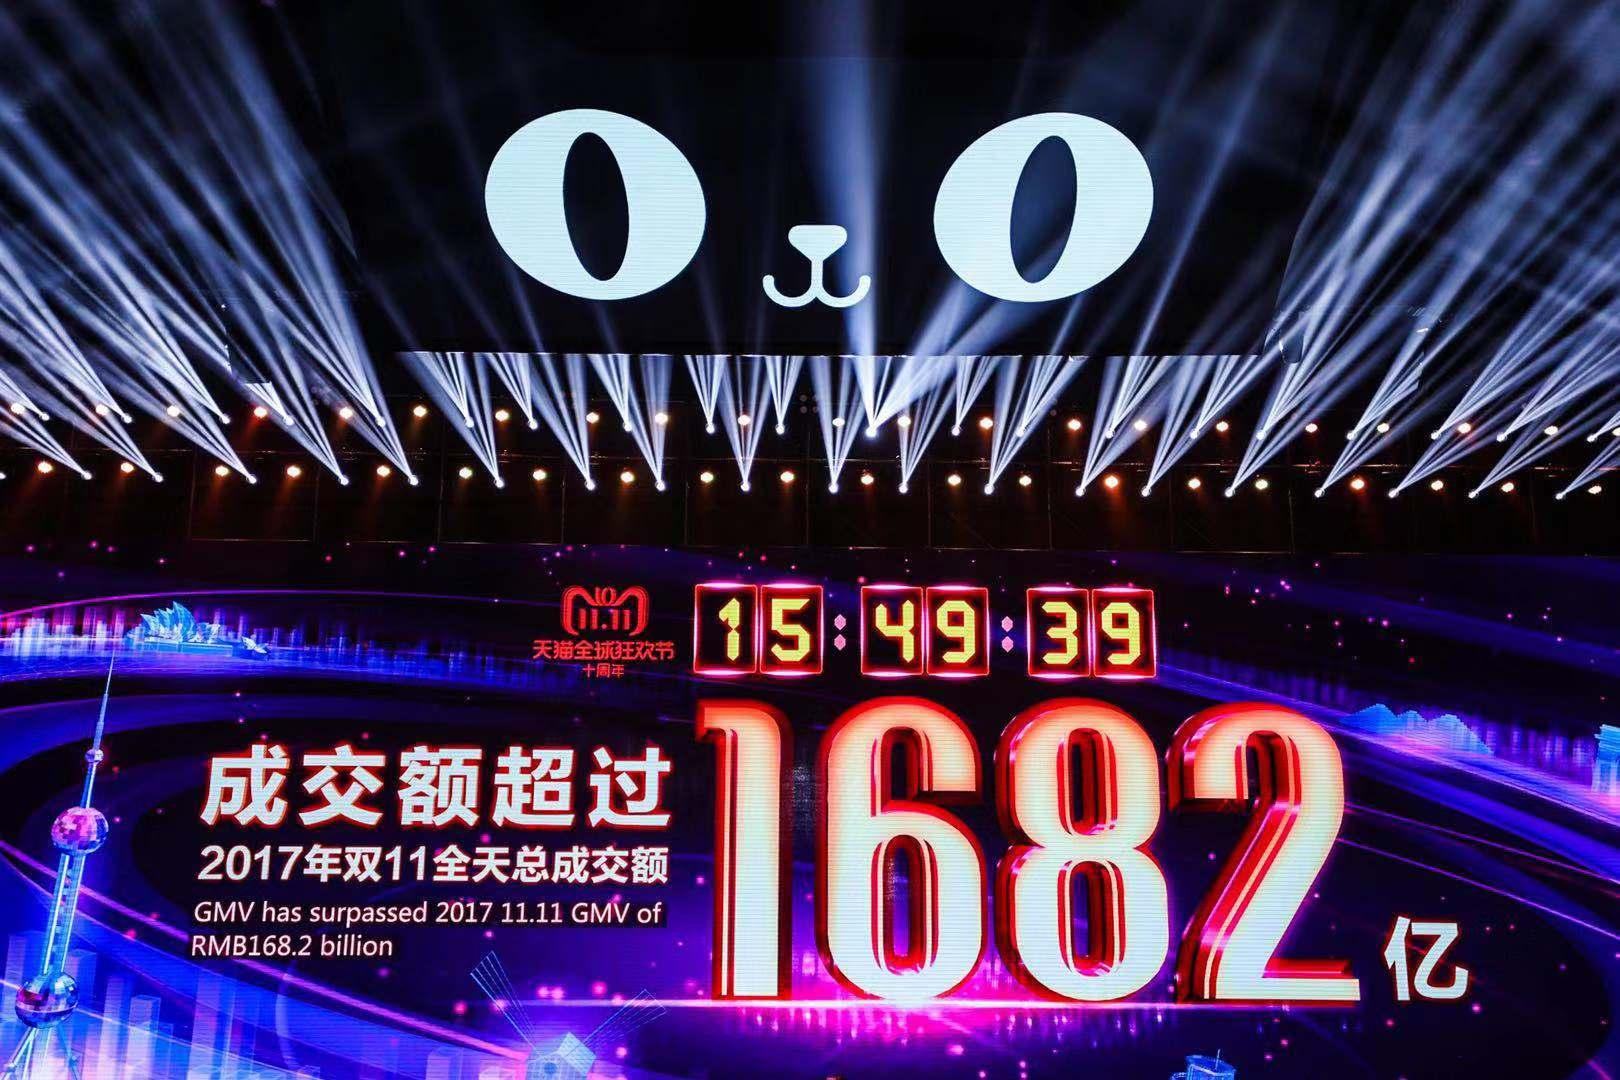 15小时1682亿!天猫双11超2017年全天成交额!